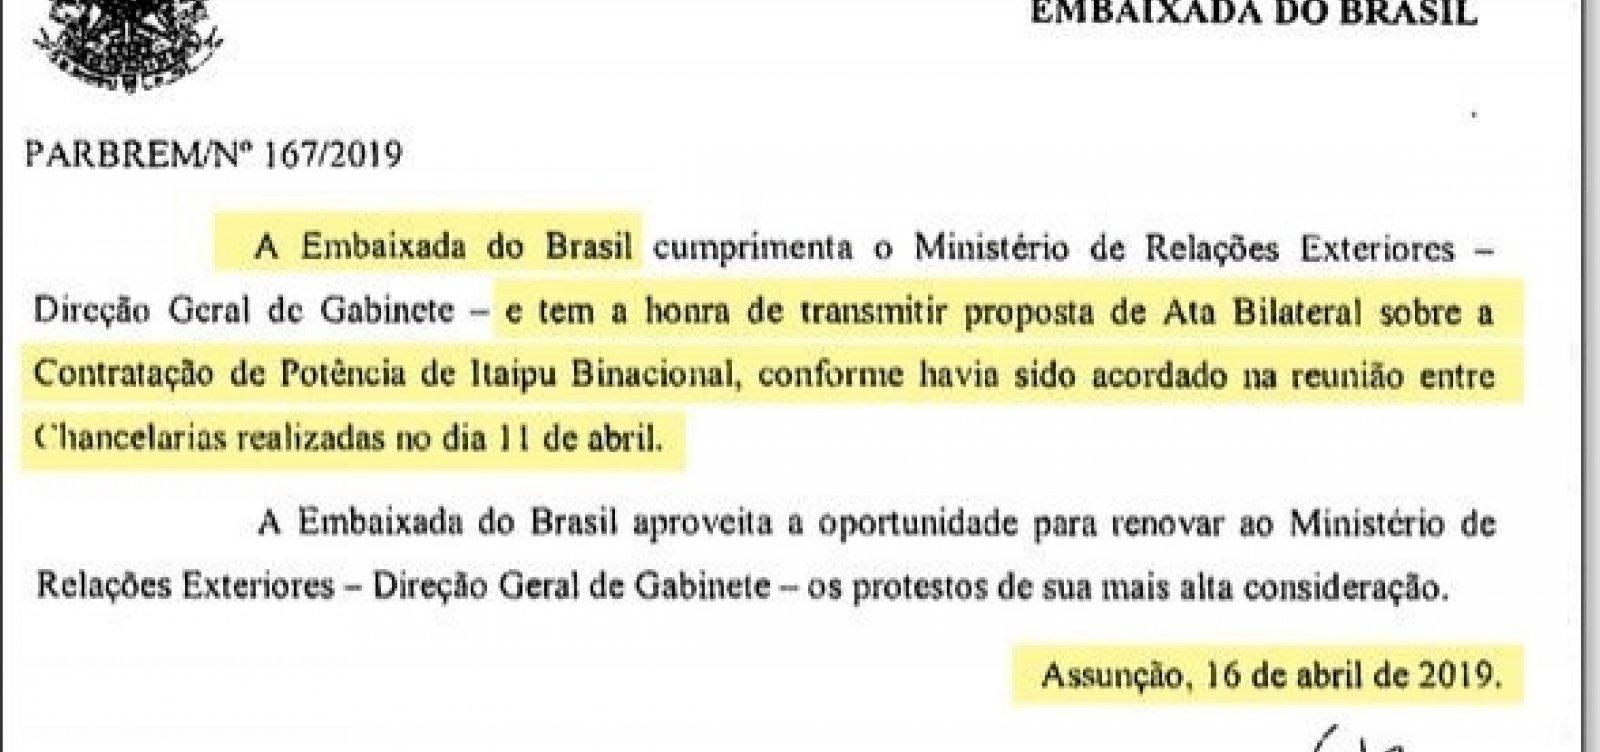 [Novos documentos mostram que acordo secreto de Itaipu começou por iniciativa do governo Bolsonaro]